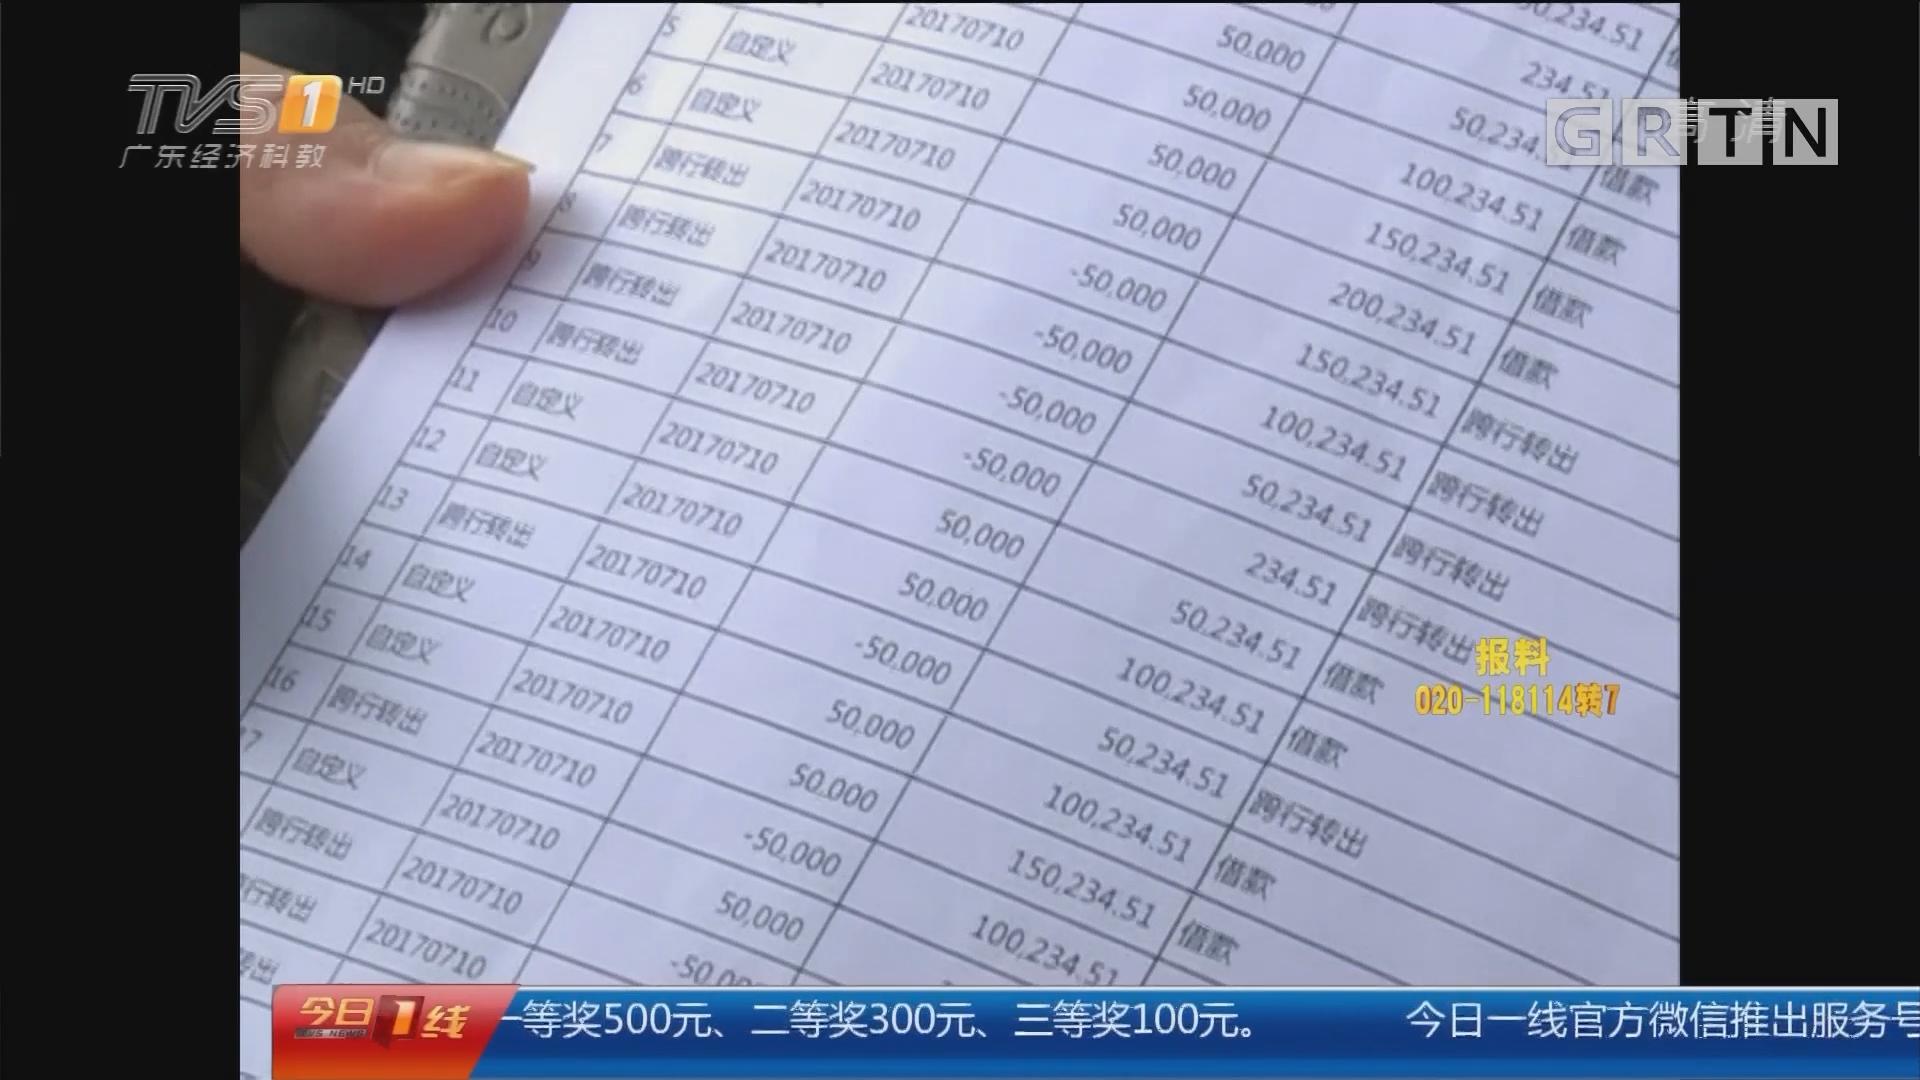 """深圳龙岗:贷1.8万搭上三百万房产 起底""""套路贷"""""""